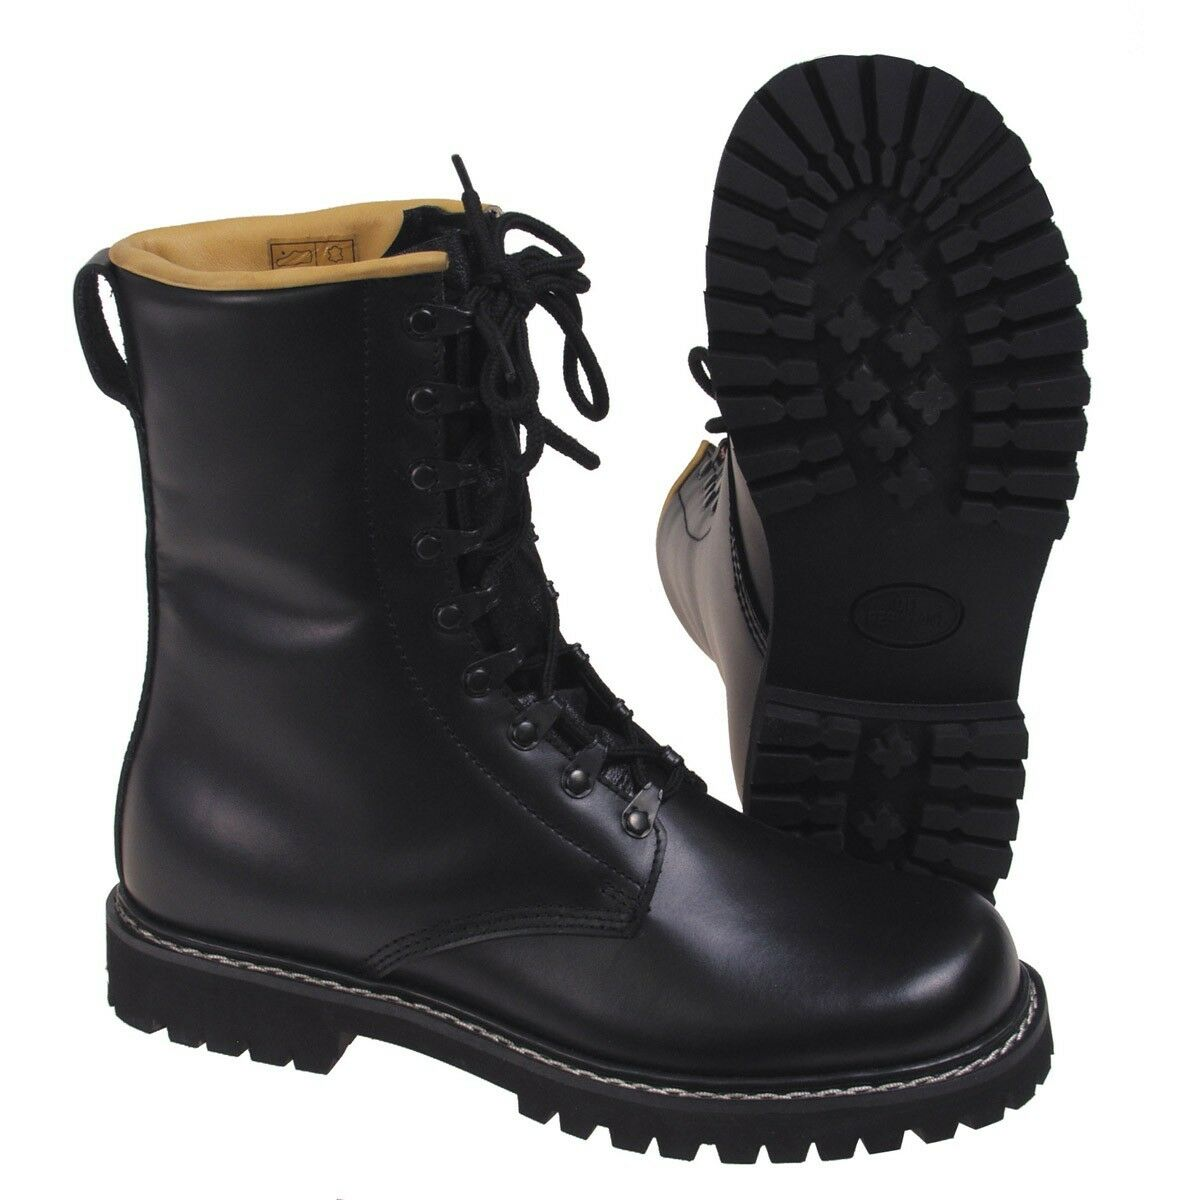 Combate botas combate botas zapatos Seguridad BW Ejército outdoor nuevo